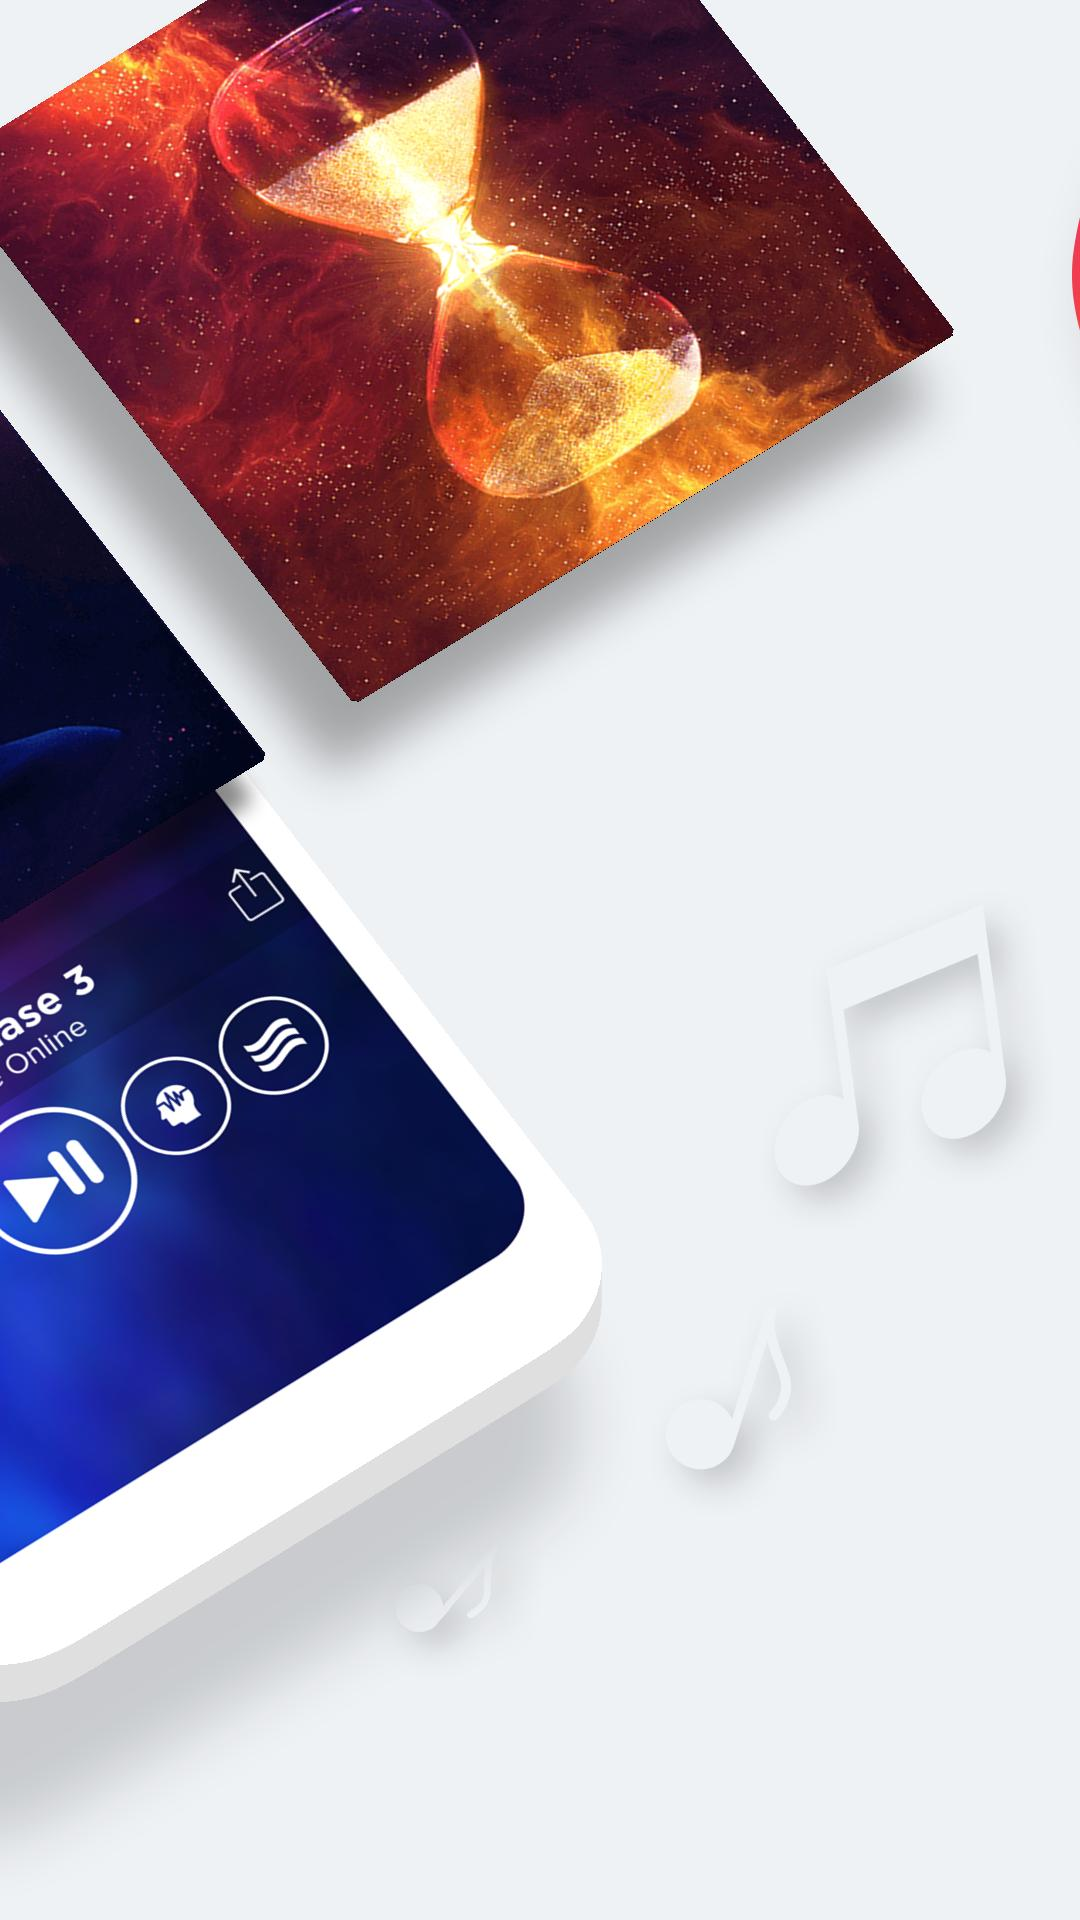 Android Icin Yks Tyt Ve Ayt Ders Calisma Muzikleri Apk Yi Indir